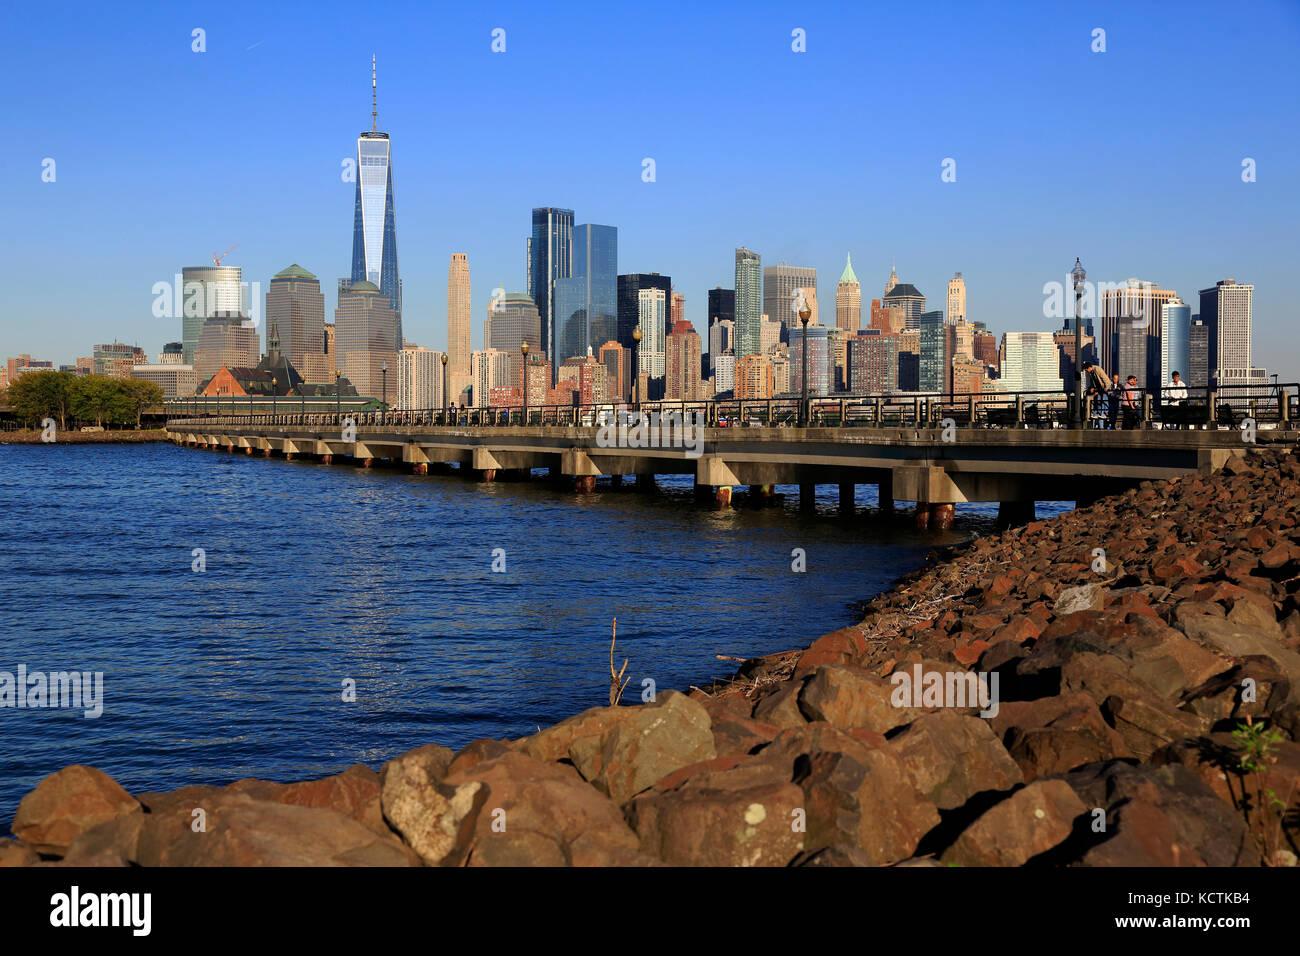 Skyline de Manhattan avec North Cove en premier plan à l'intérieur du Parc Liberty State.usa new jersey. Photo Stock